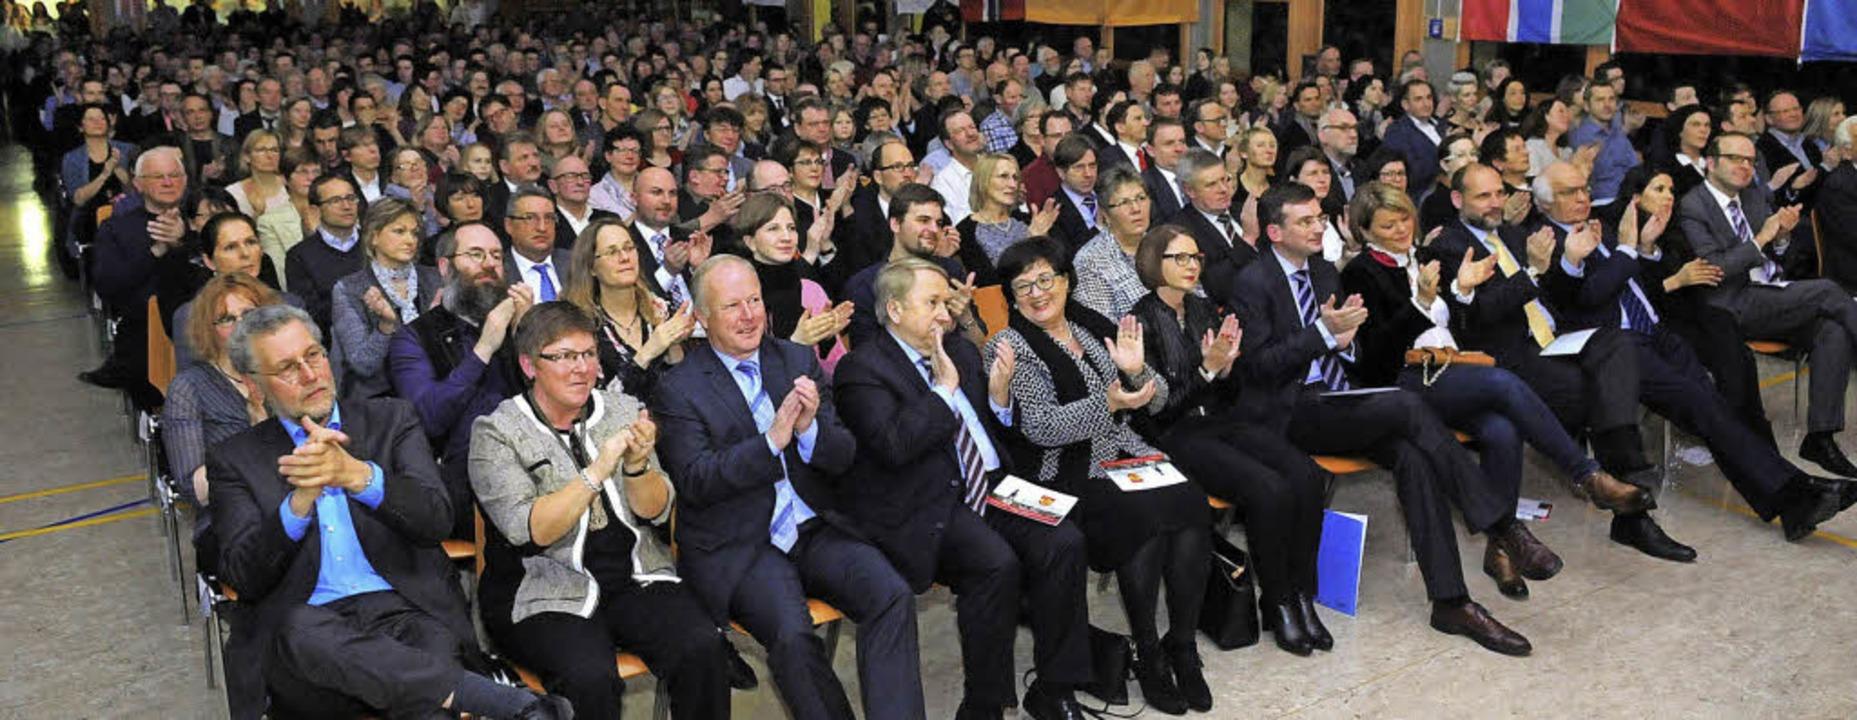 Die zahlreichen Gäste der Auftaktveran...g gehen beim Programm begeistert mit.     Foto: Wolfgang Künstle